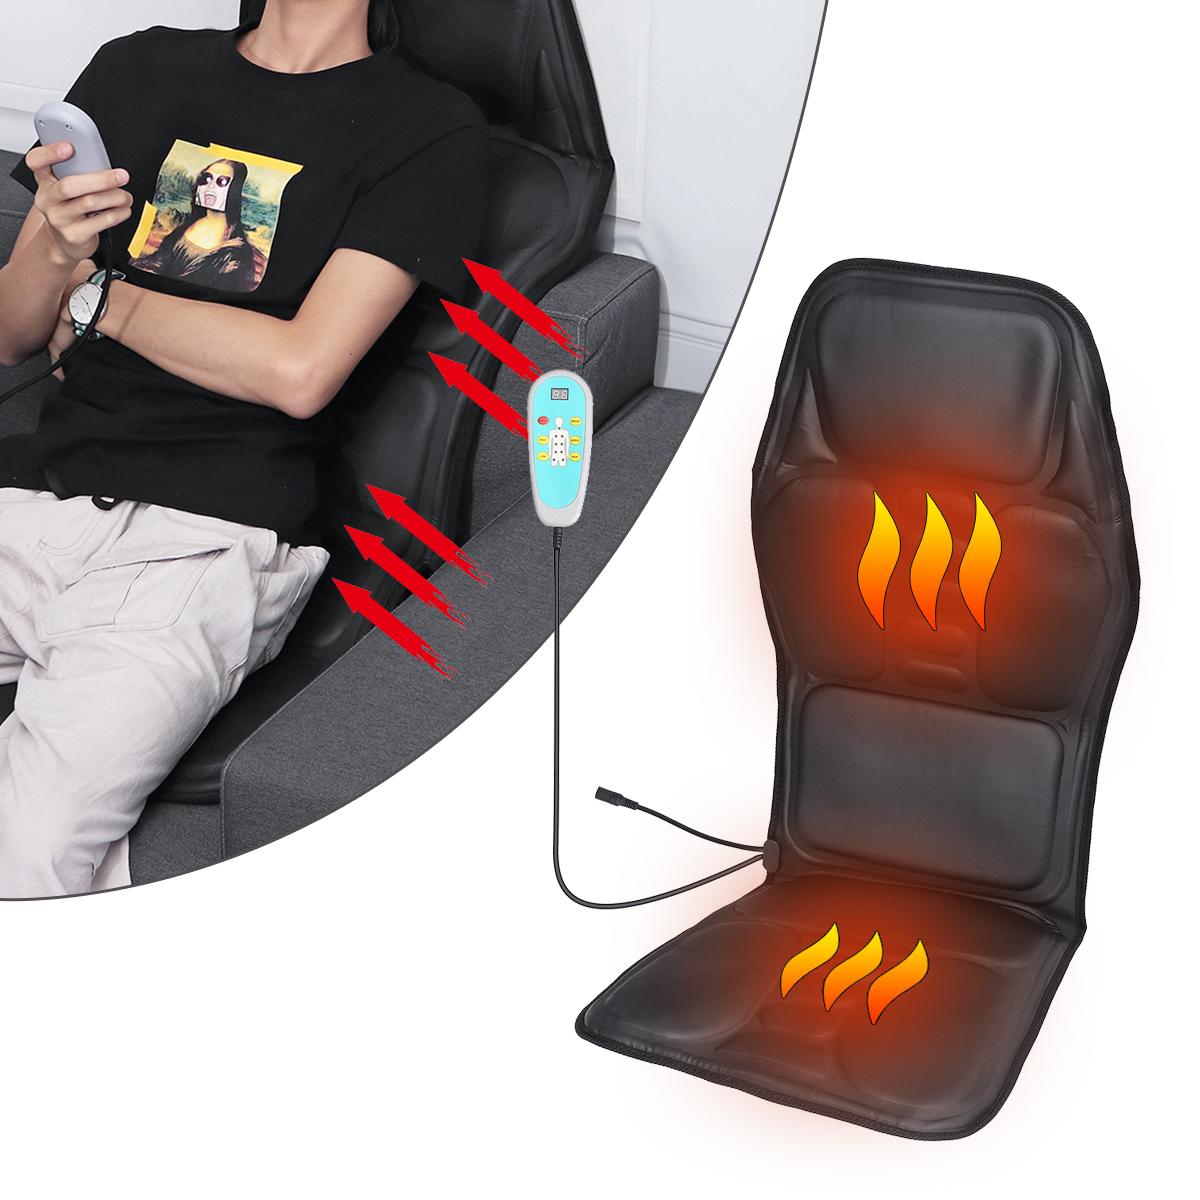 Autositz Leder Sitzauflage Vibration Körper Massage 9 Massage Zone 5 Stärke Heiz